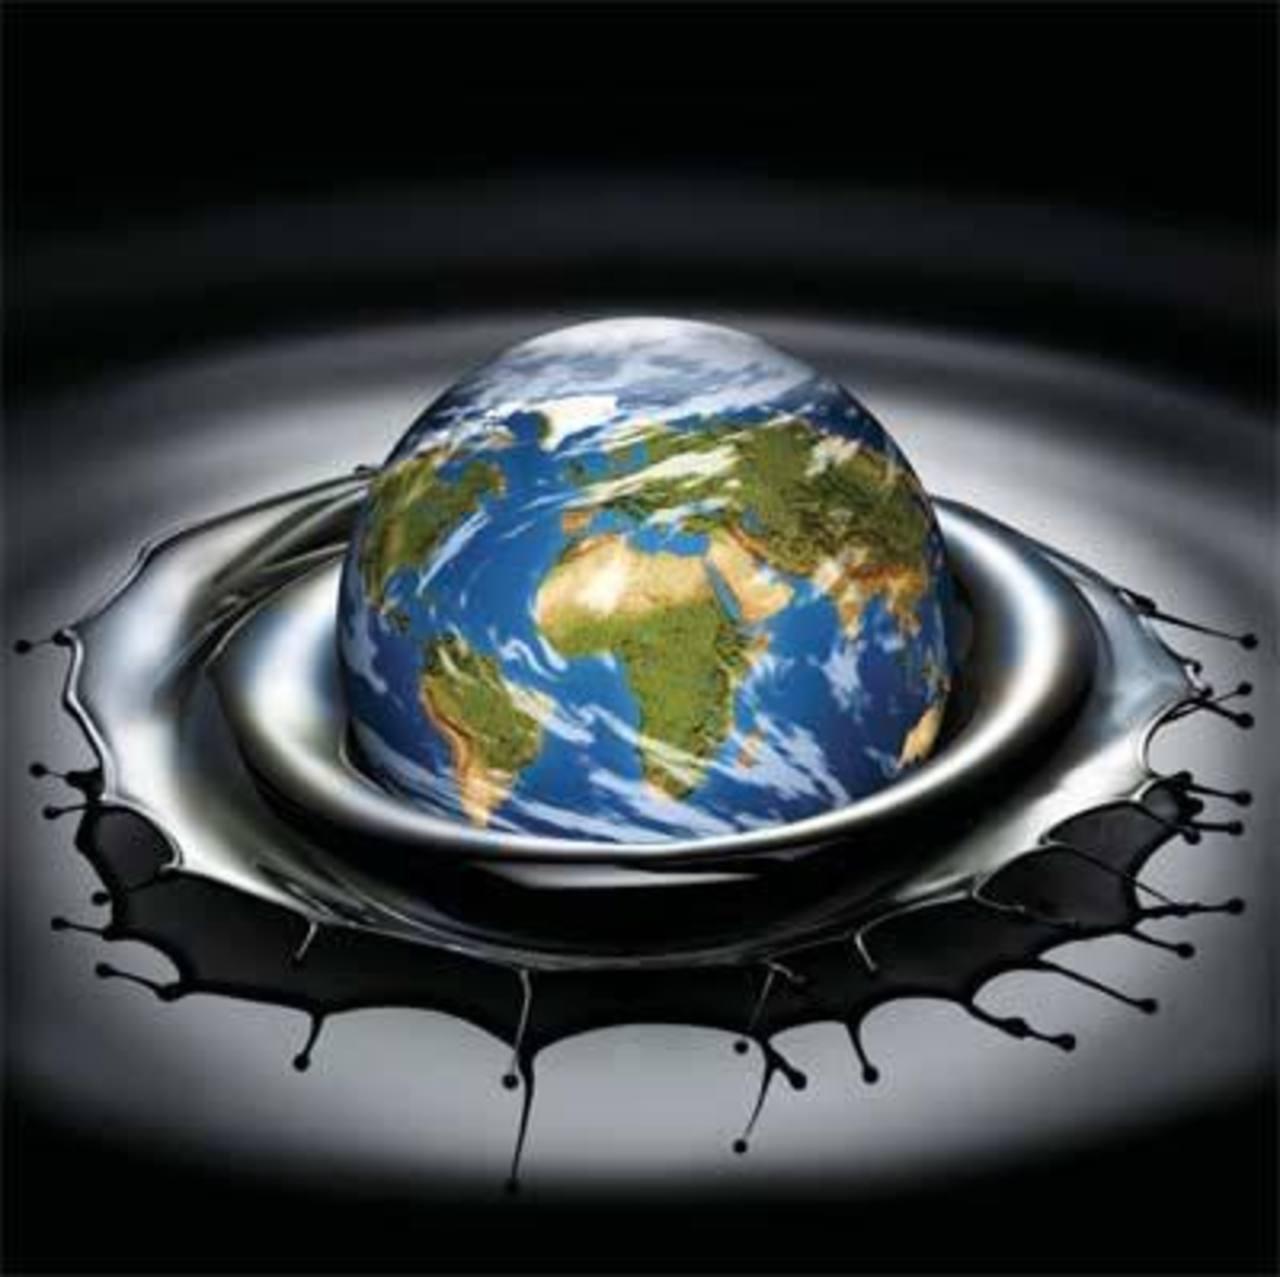 El próximo año el mundo consumirá el próximo año 92.38 millones de barriles de petróleo, según la OPEP: